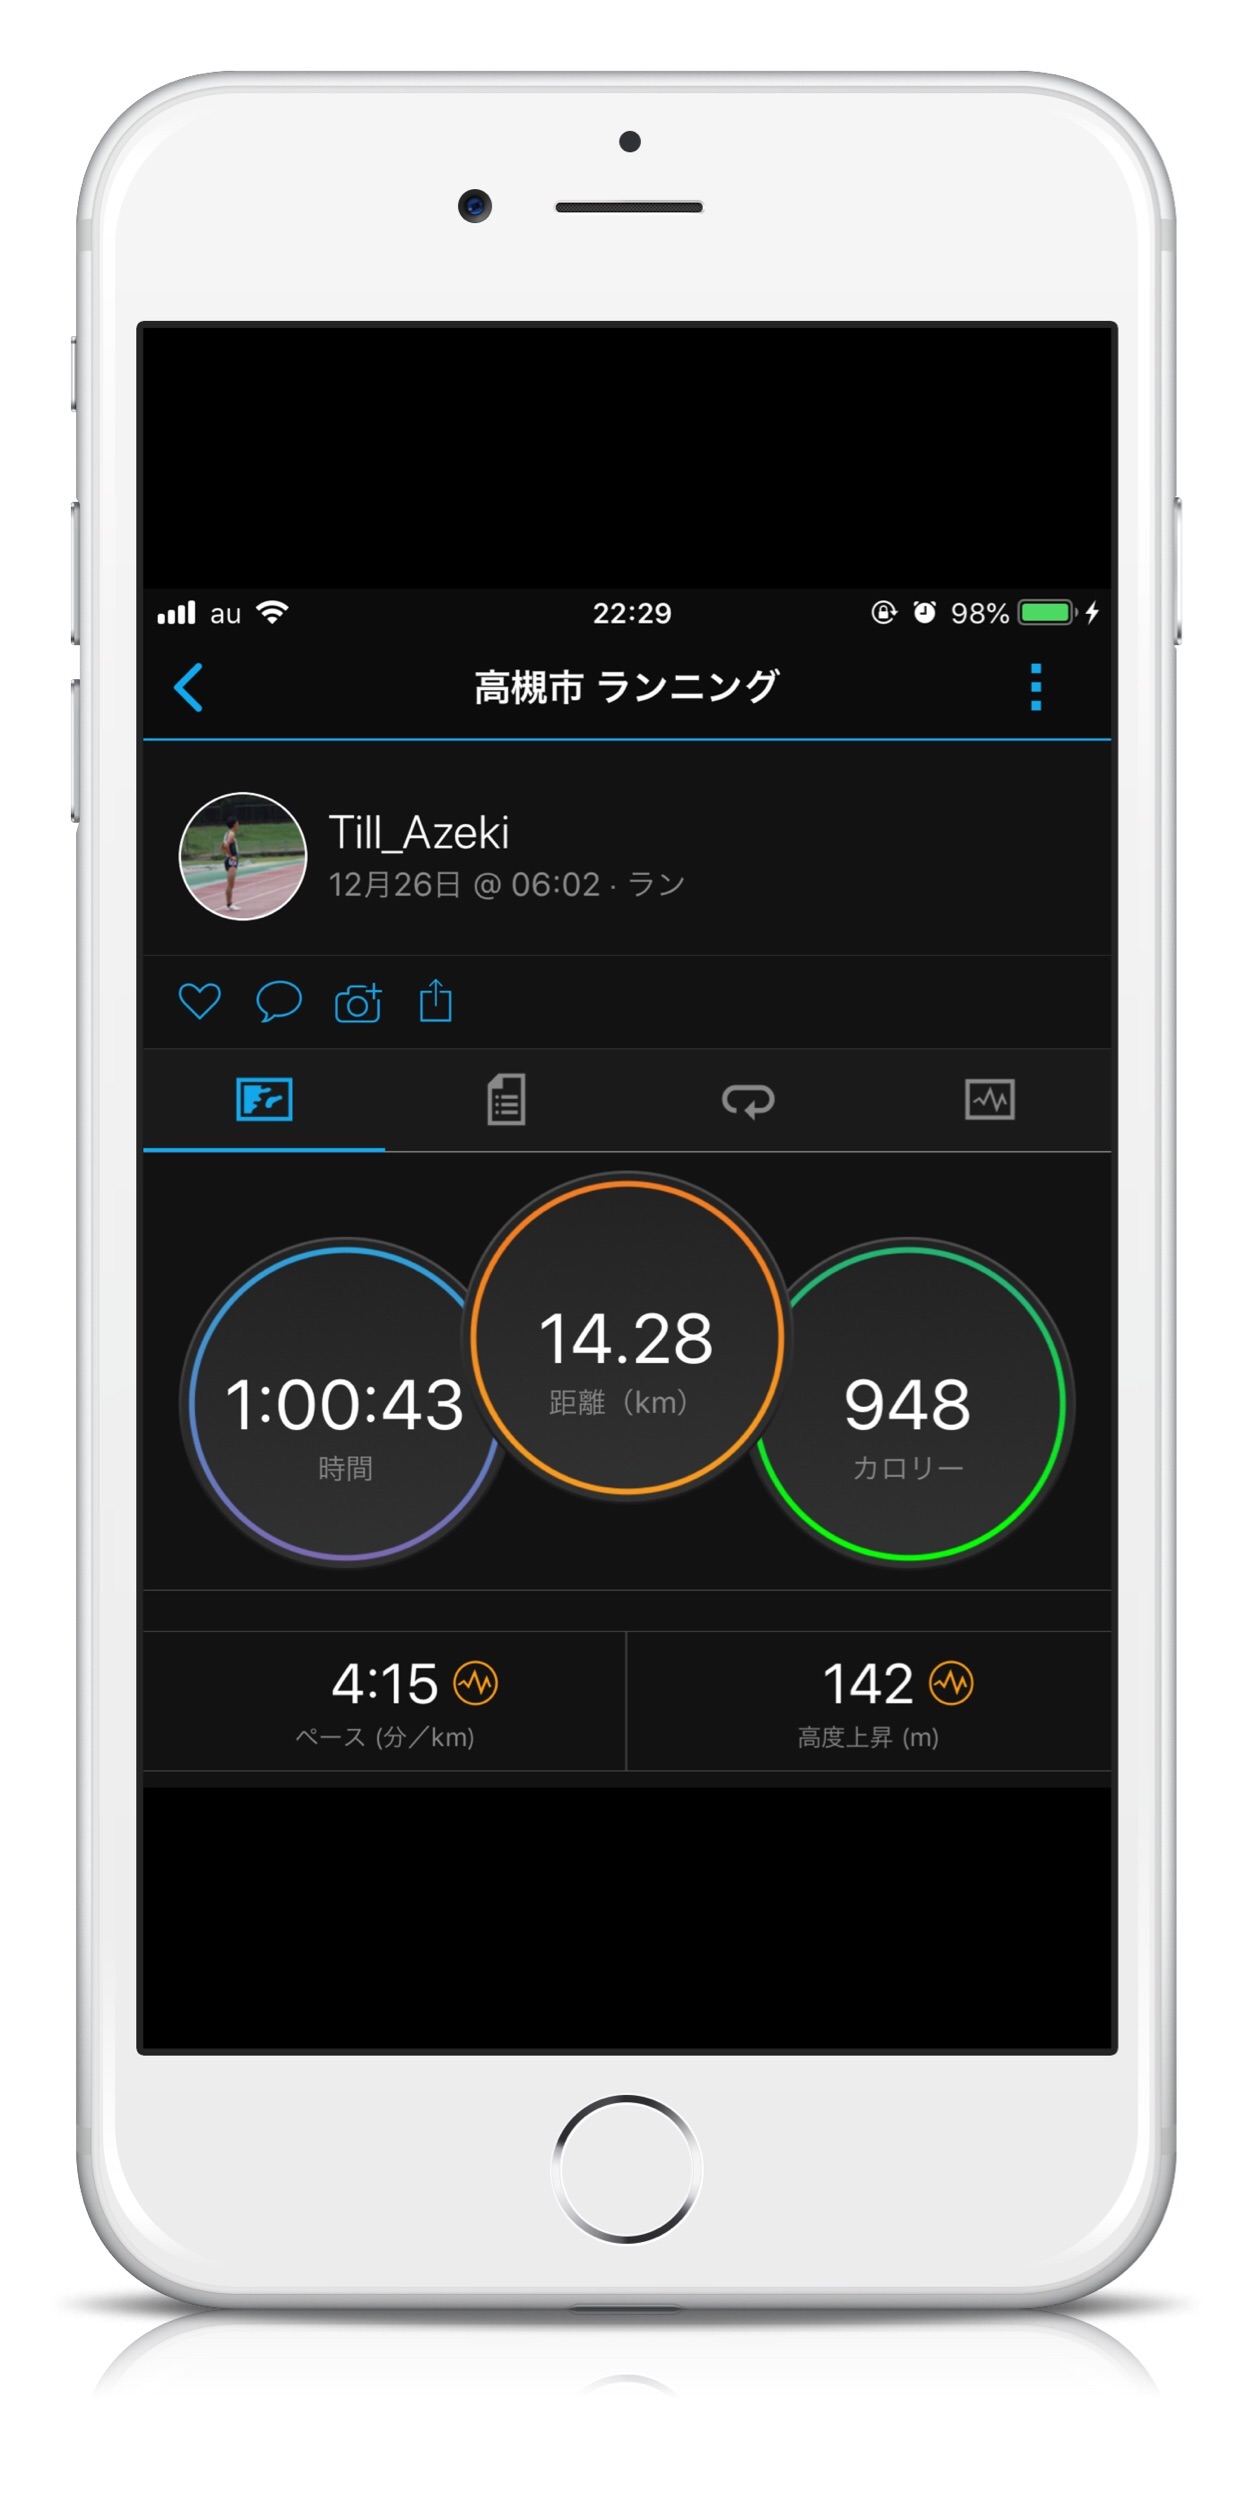 f:id:Till_Azeki:20181226224515j:image